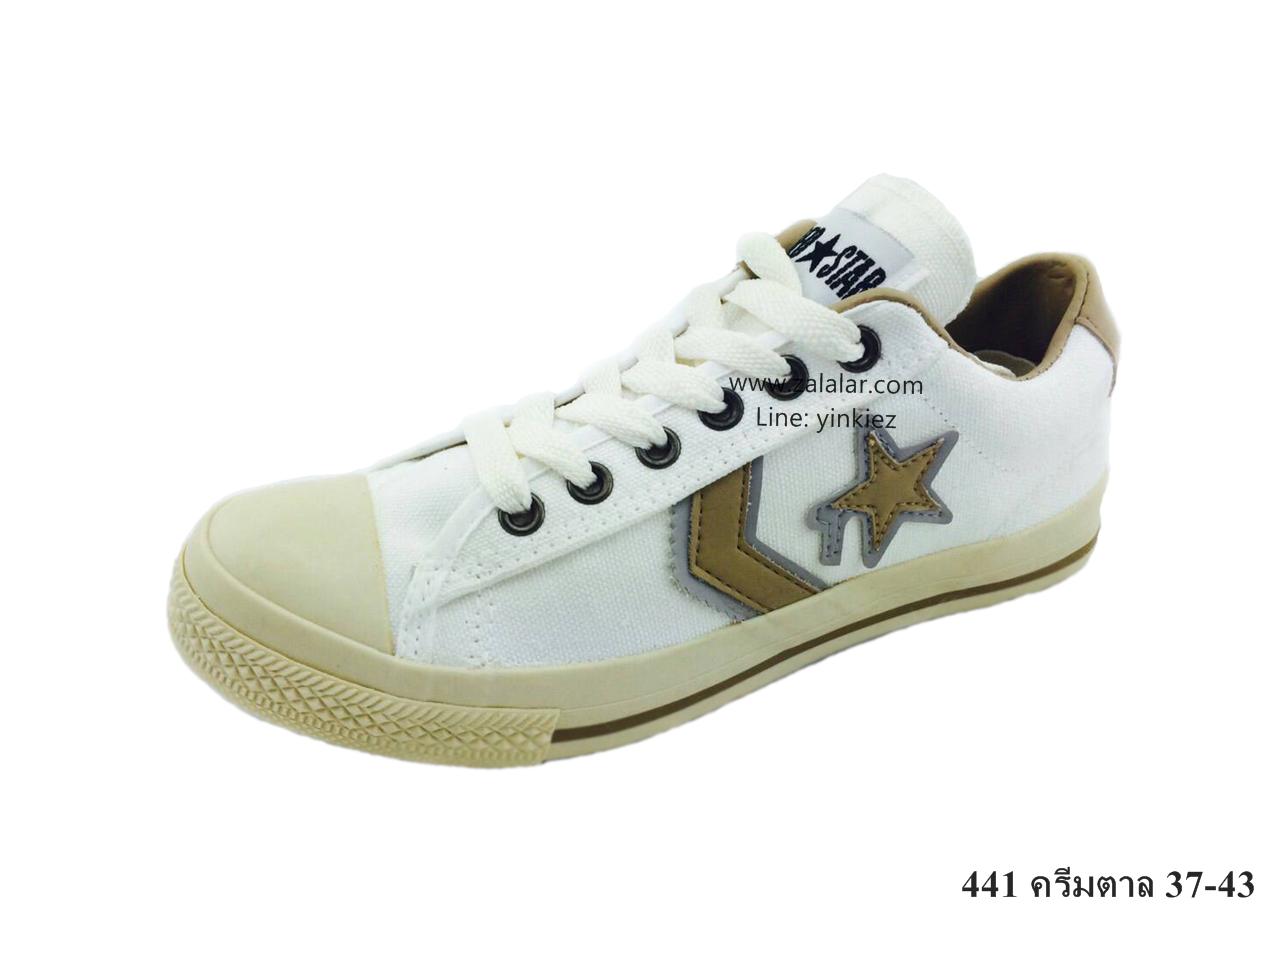 [พร้อมส่ง] รองเท้าผ้าใบแฟชั่น รุ่น 441 สีครีมตาล